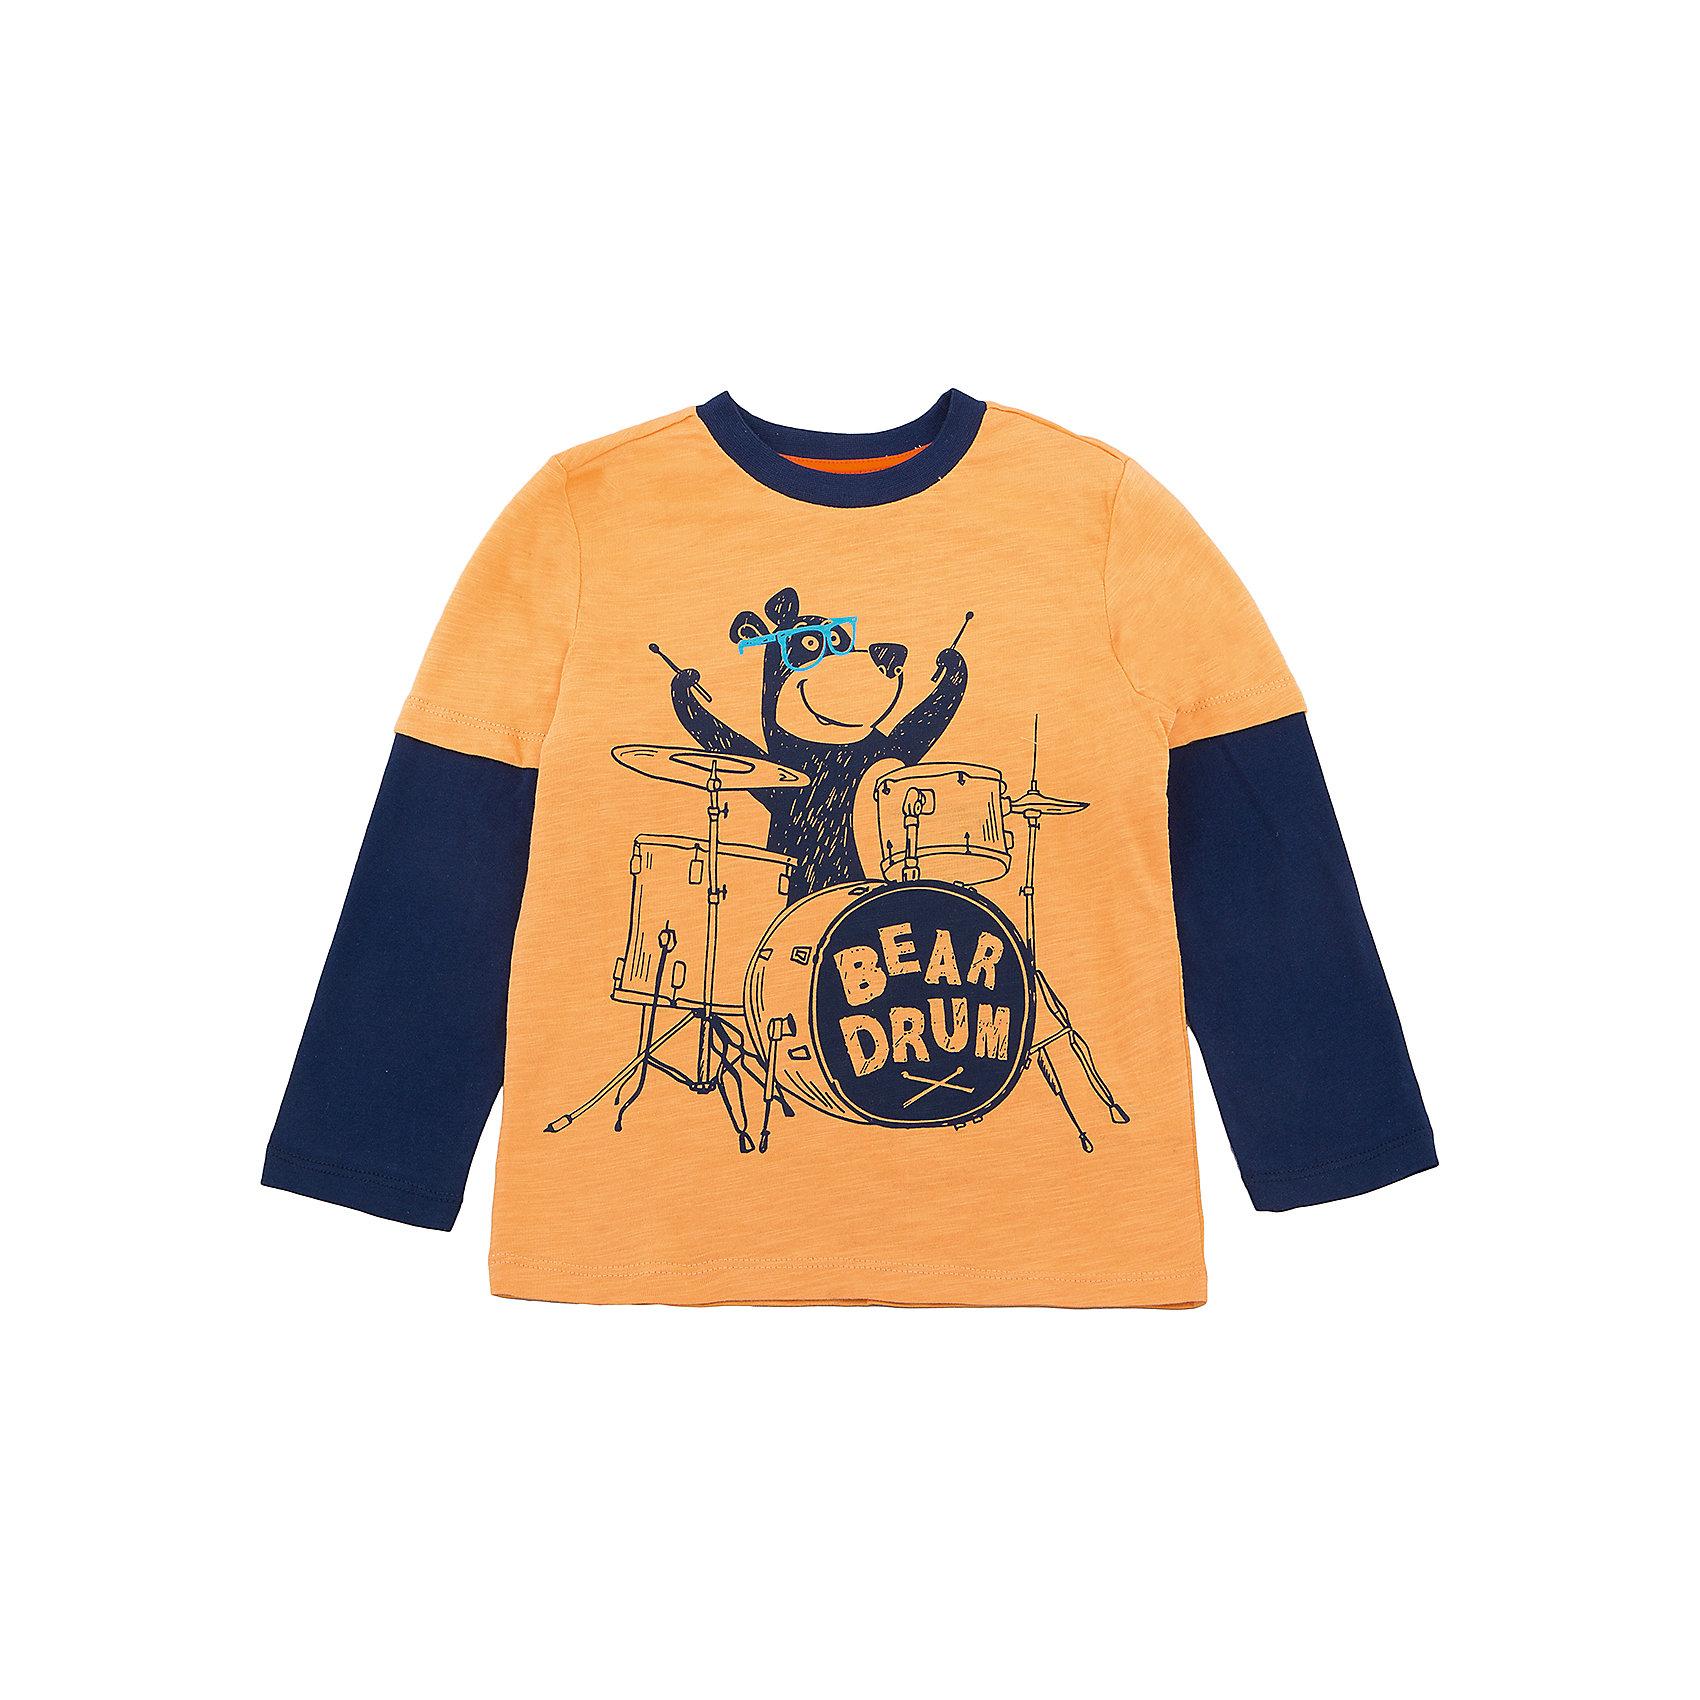 Футболка с длинным рукавом SELA для мальчикаФутболки с длинным рукавом<br>Характеристики товара:<br><br>• цвет: желтый/синий;<br>• состав: 100% хлопок;<br>• сезон: демисезон;<br>• особенности: повседневный, с рисунком;<br>• длинный рукав;<br>• страна бренда: Россия;<br>• страна изготовитель: Китай.<br><br>Лонгслив с рисунком для мальчика. Прямой силуэт, круглый ворот. Желтый лонсглив изготовлен из 100% хлопка. Контрастная расцветка с ярким принтом.<br><br>Футболку с длинным рукавом Sela (Села) для мальчика можно купить в нашем интернет-магазине.<br><br>Ширина мм: 190<br>Глубина мм: 74<br>Высота мм: 229<br>Вес г: 236<br>Цвет: золотой<br>Возраст от месяцев: 24<br>Возраст до месяцев: 36<br>Пол: Мужской<br>Возраст: Детский<br>Размер: 98,104,110,116,92<br>SKU: 7009714